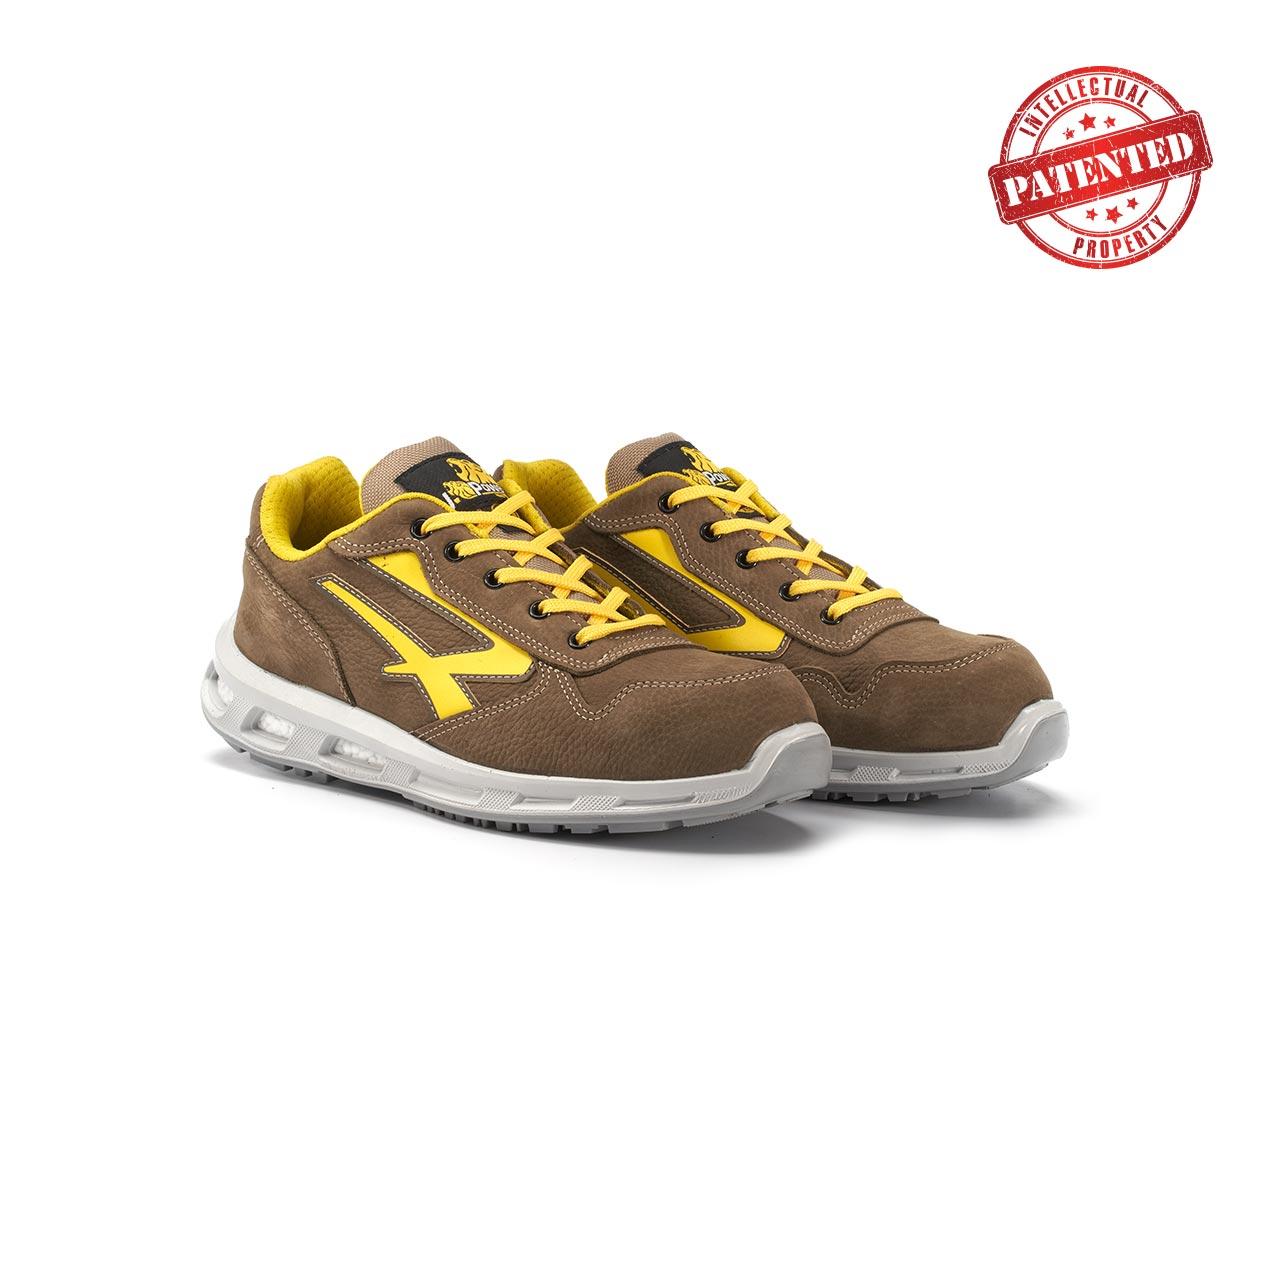 paio di scarpe antinfortunistiche upower modello brave linea redlion vista prospettica